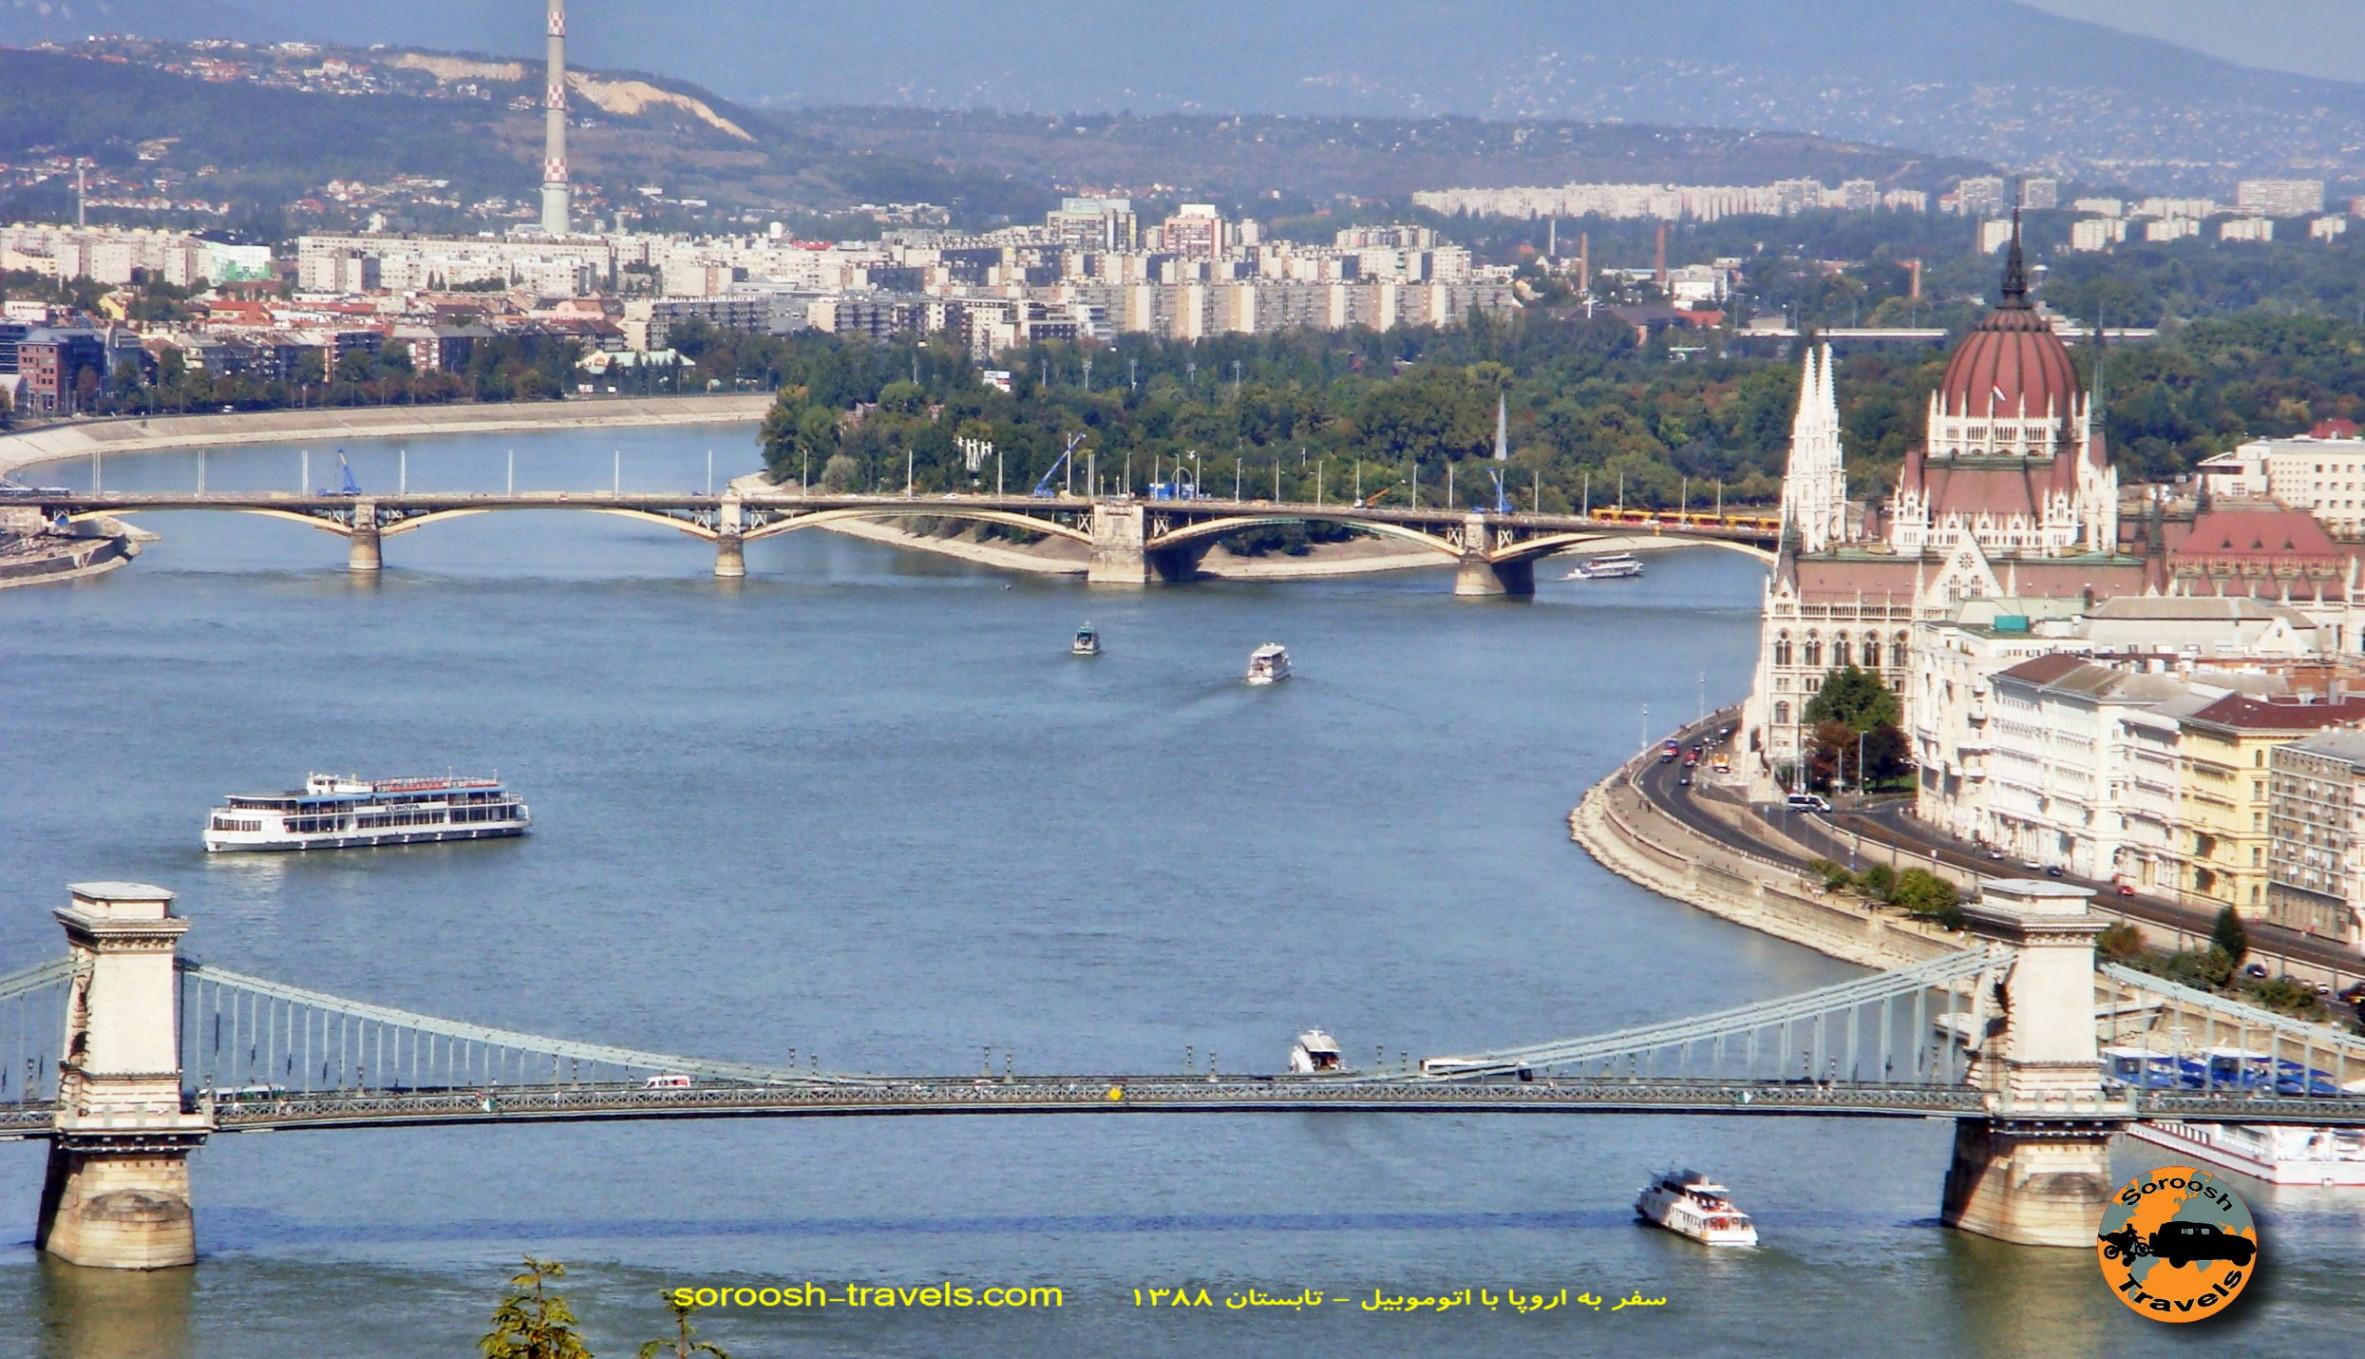 05-mehr-1388-27-september-2009-budapest-4